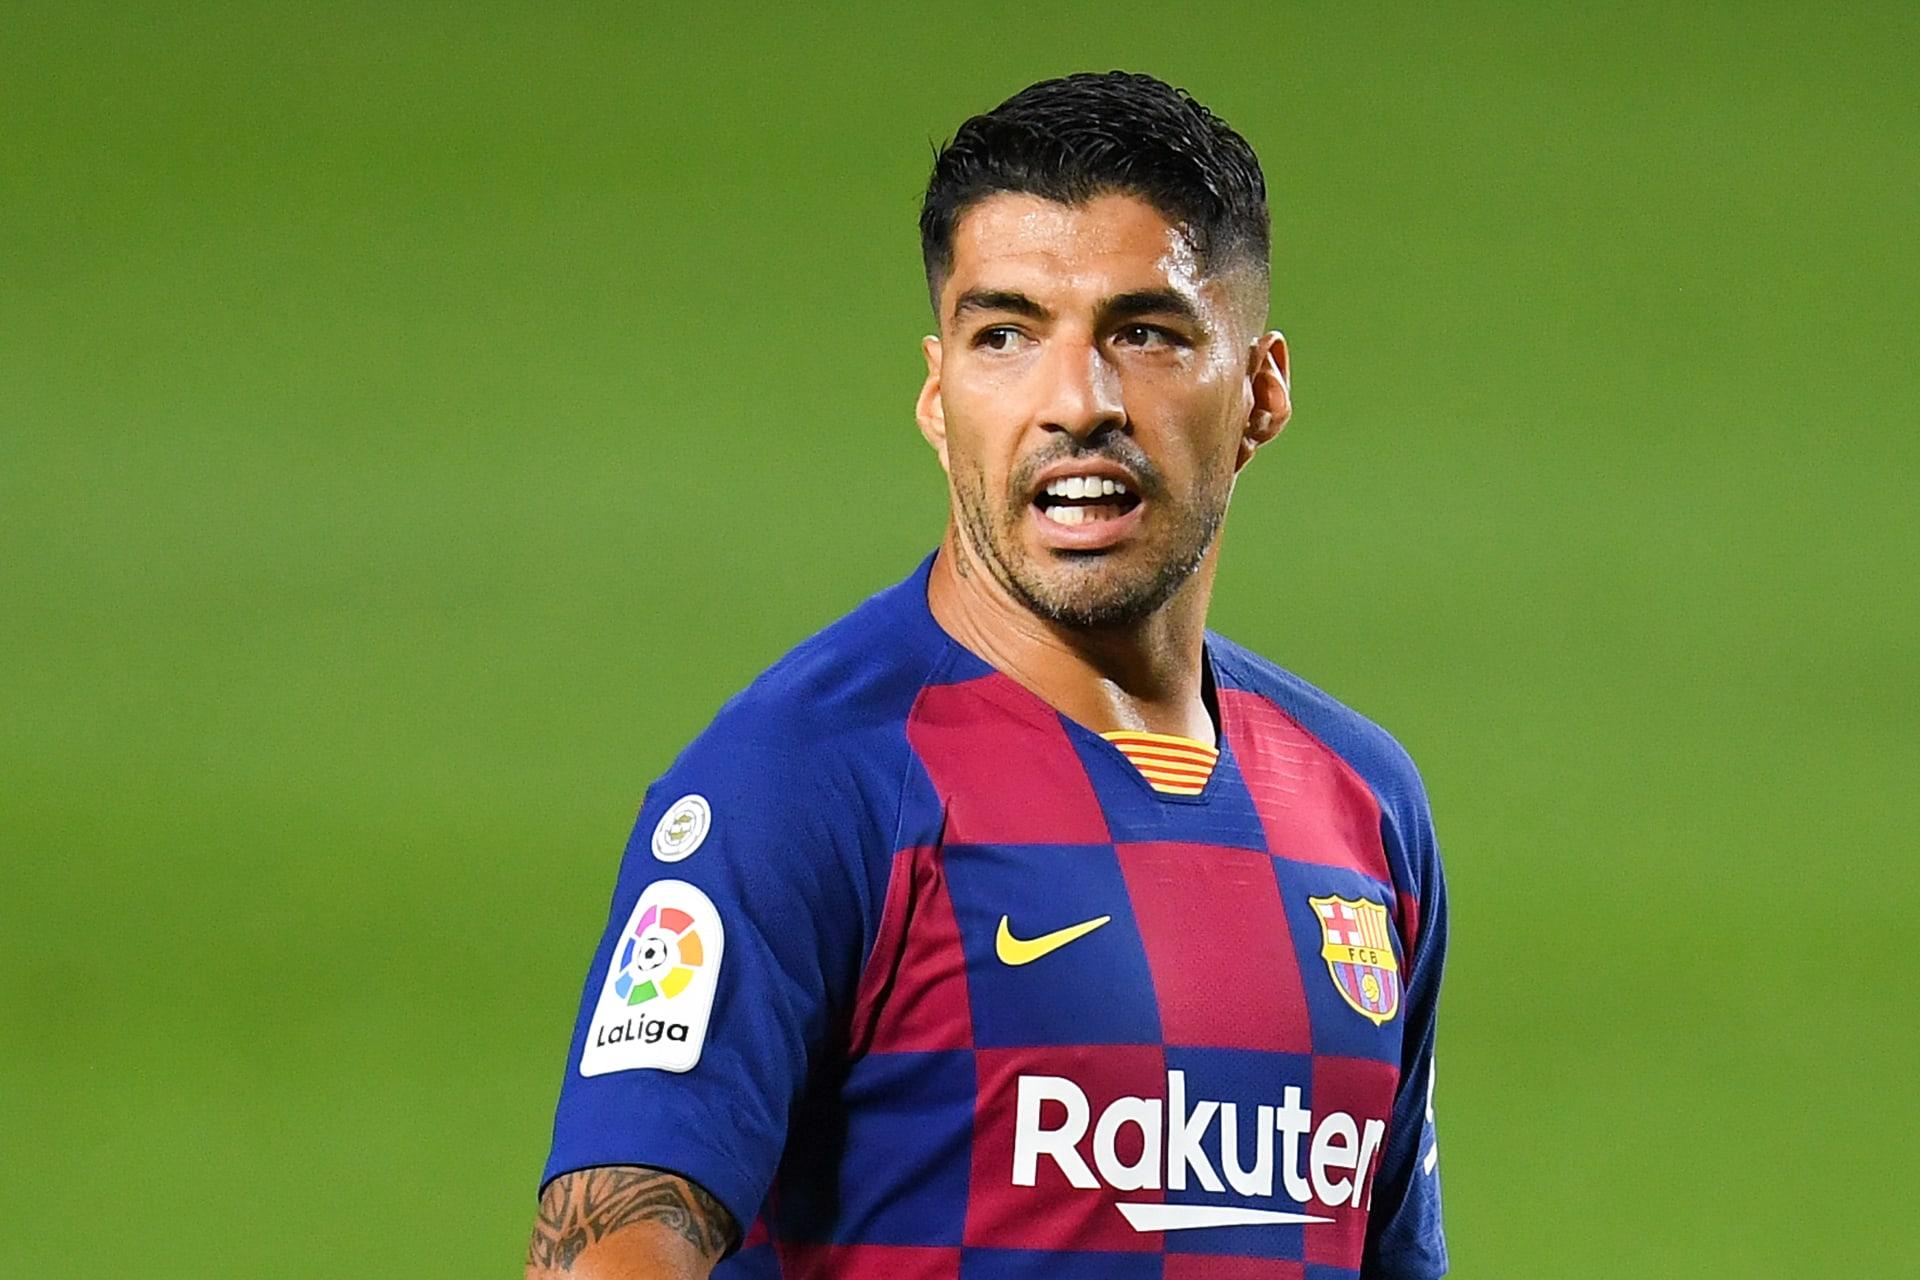 رسميًا.. أتليتكو مدريد يعلن انتقال نجم برشلونة لويس سواريز إلى صفوفه